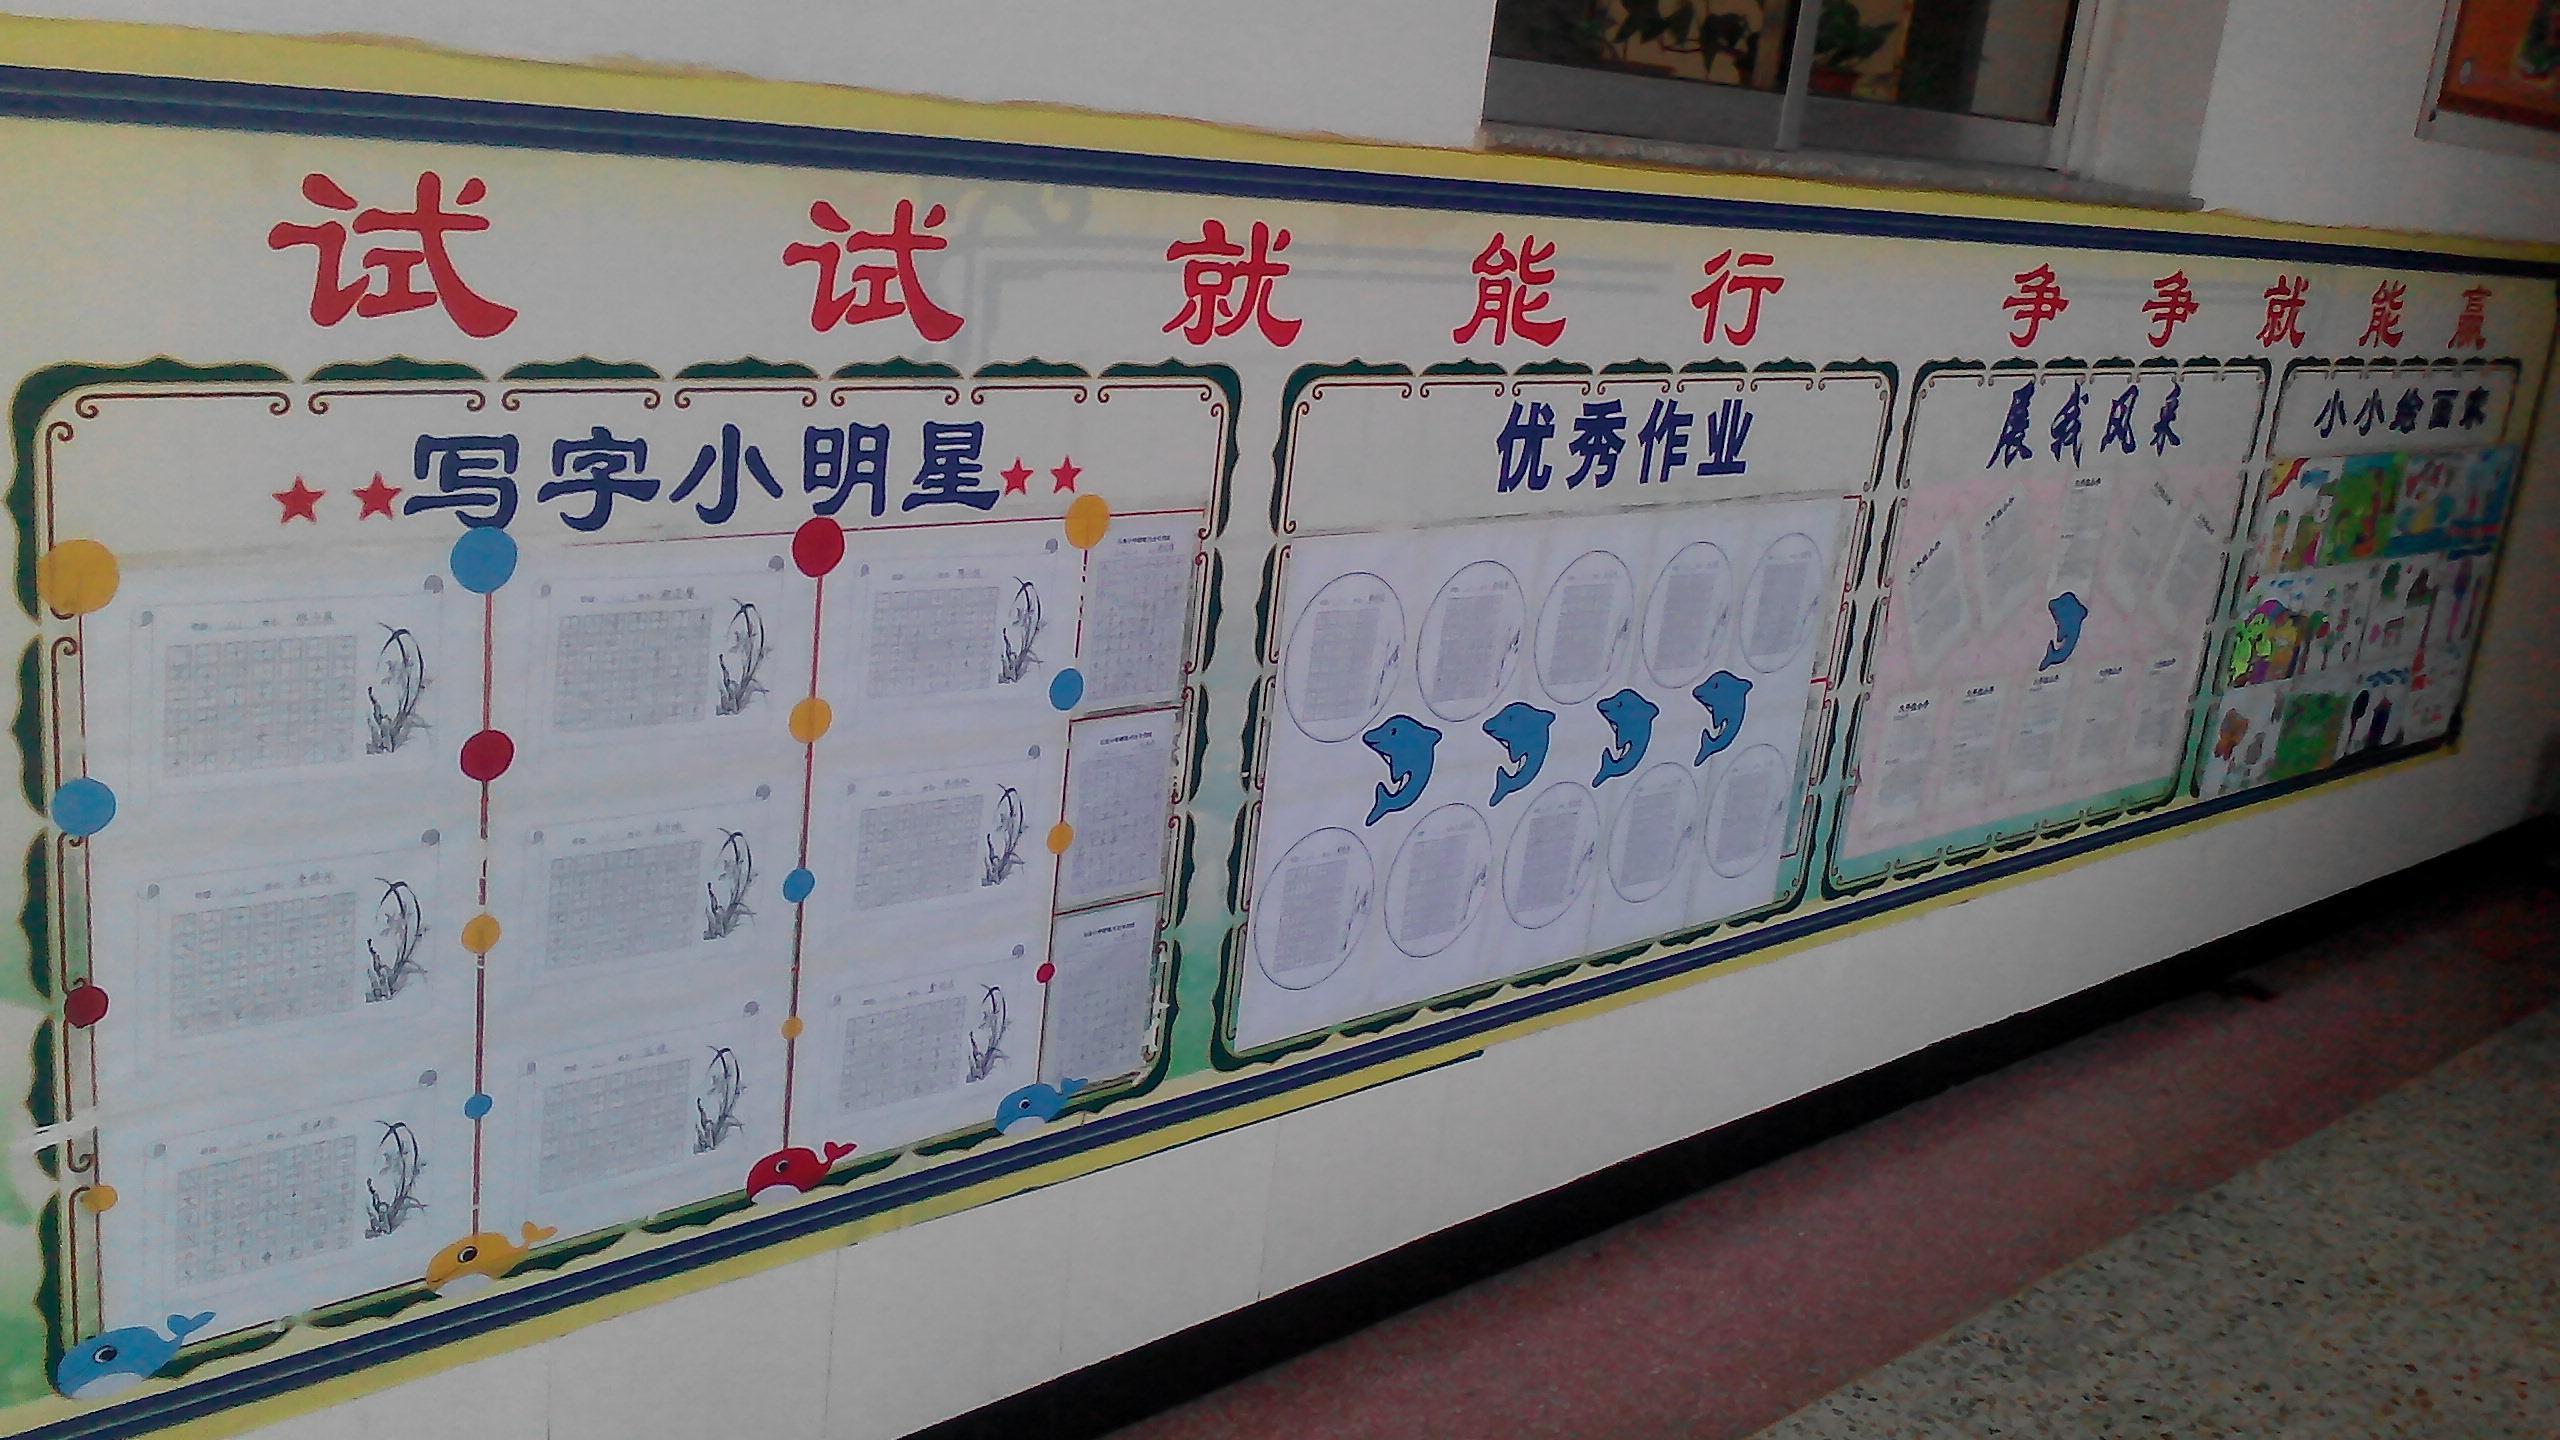 石岛小学定期开展班级走廊文化展览,让每一面墙壁都会图片